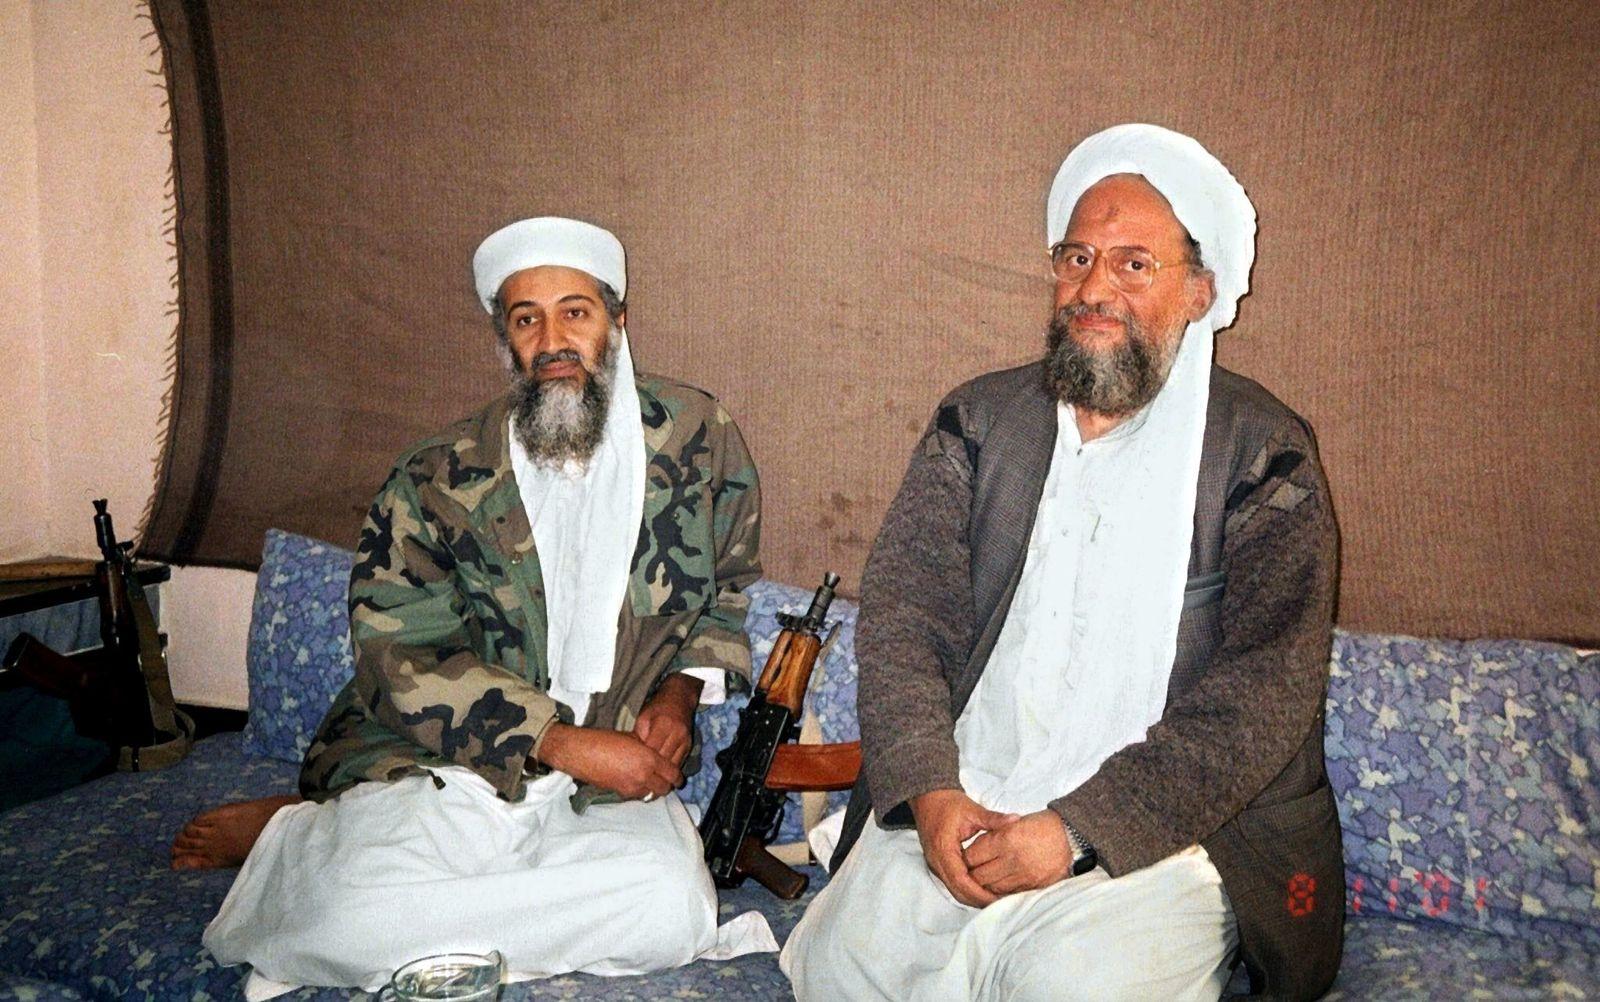 Bin Laden/ Sawahiri